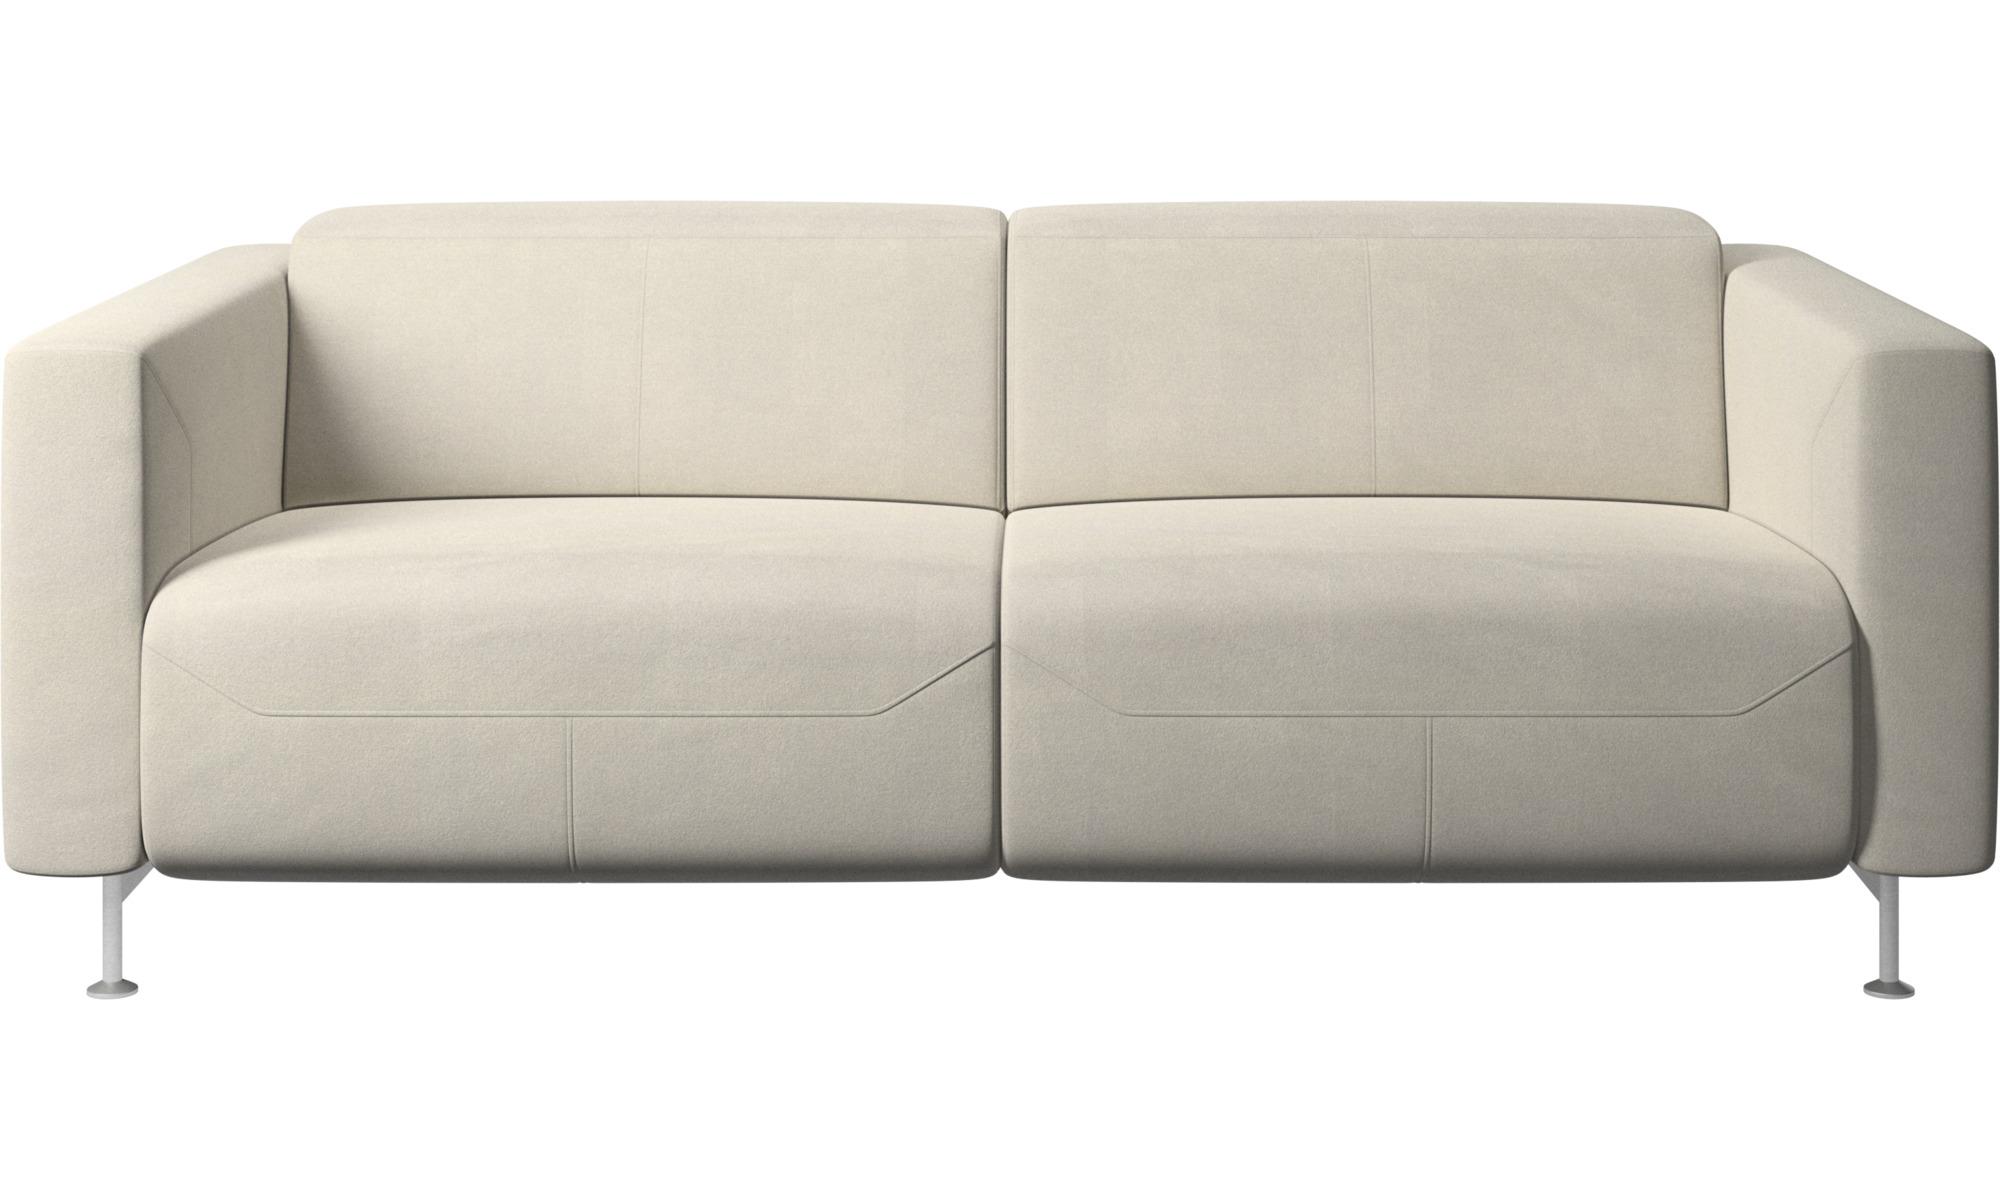 Justerbare sofaer - Parma sofa med hvilefunktion - Hvid - Stof